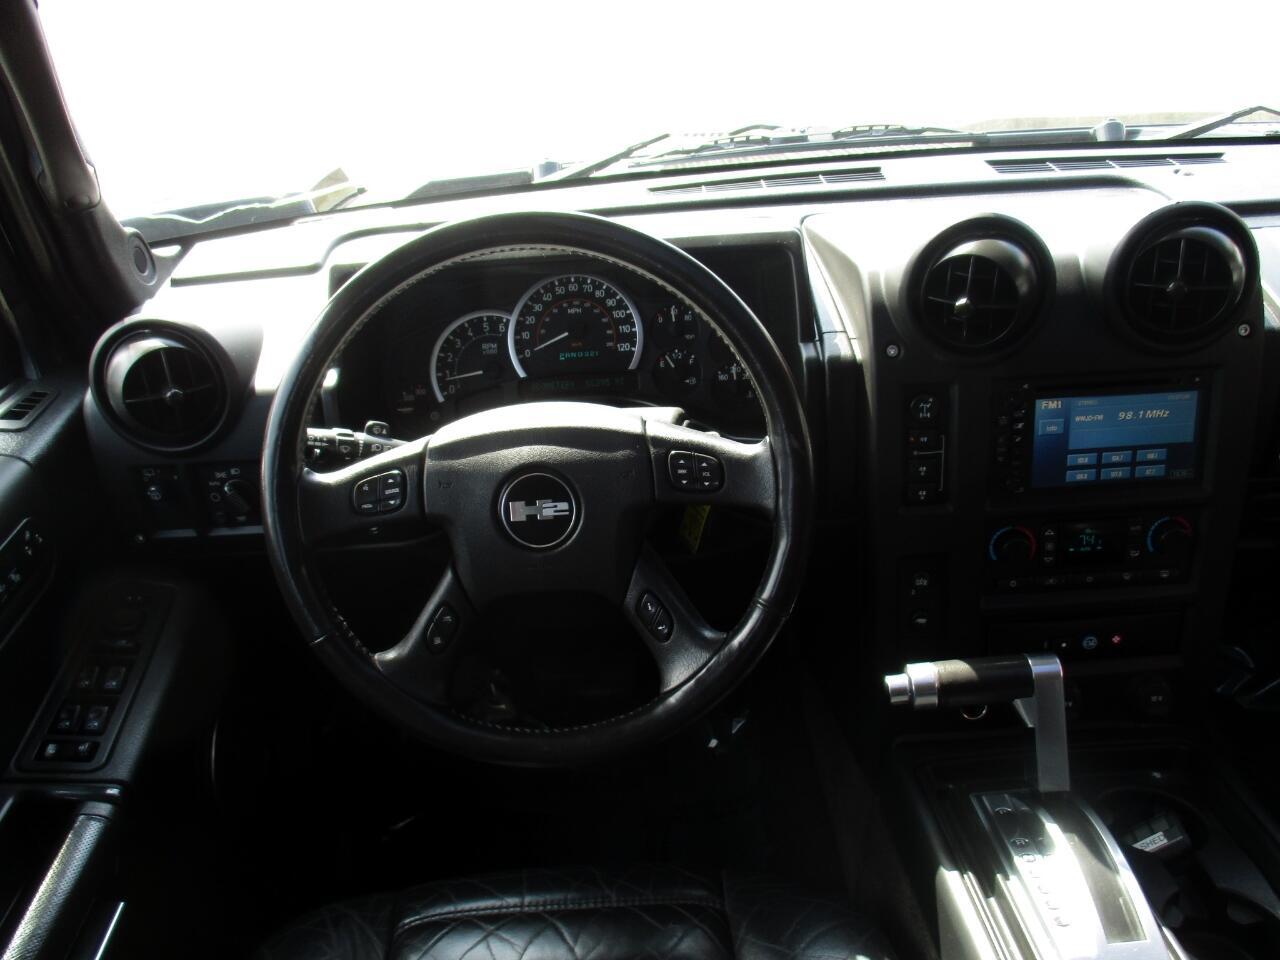 2005 HUMMER H2 4dr Wgn SUV